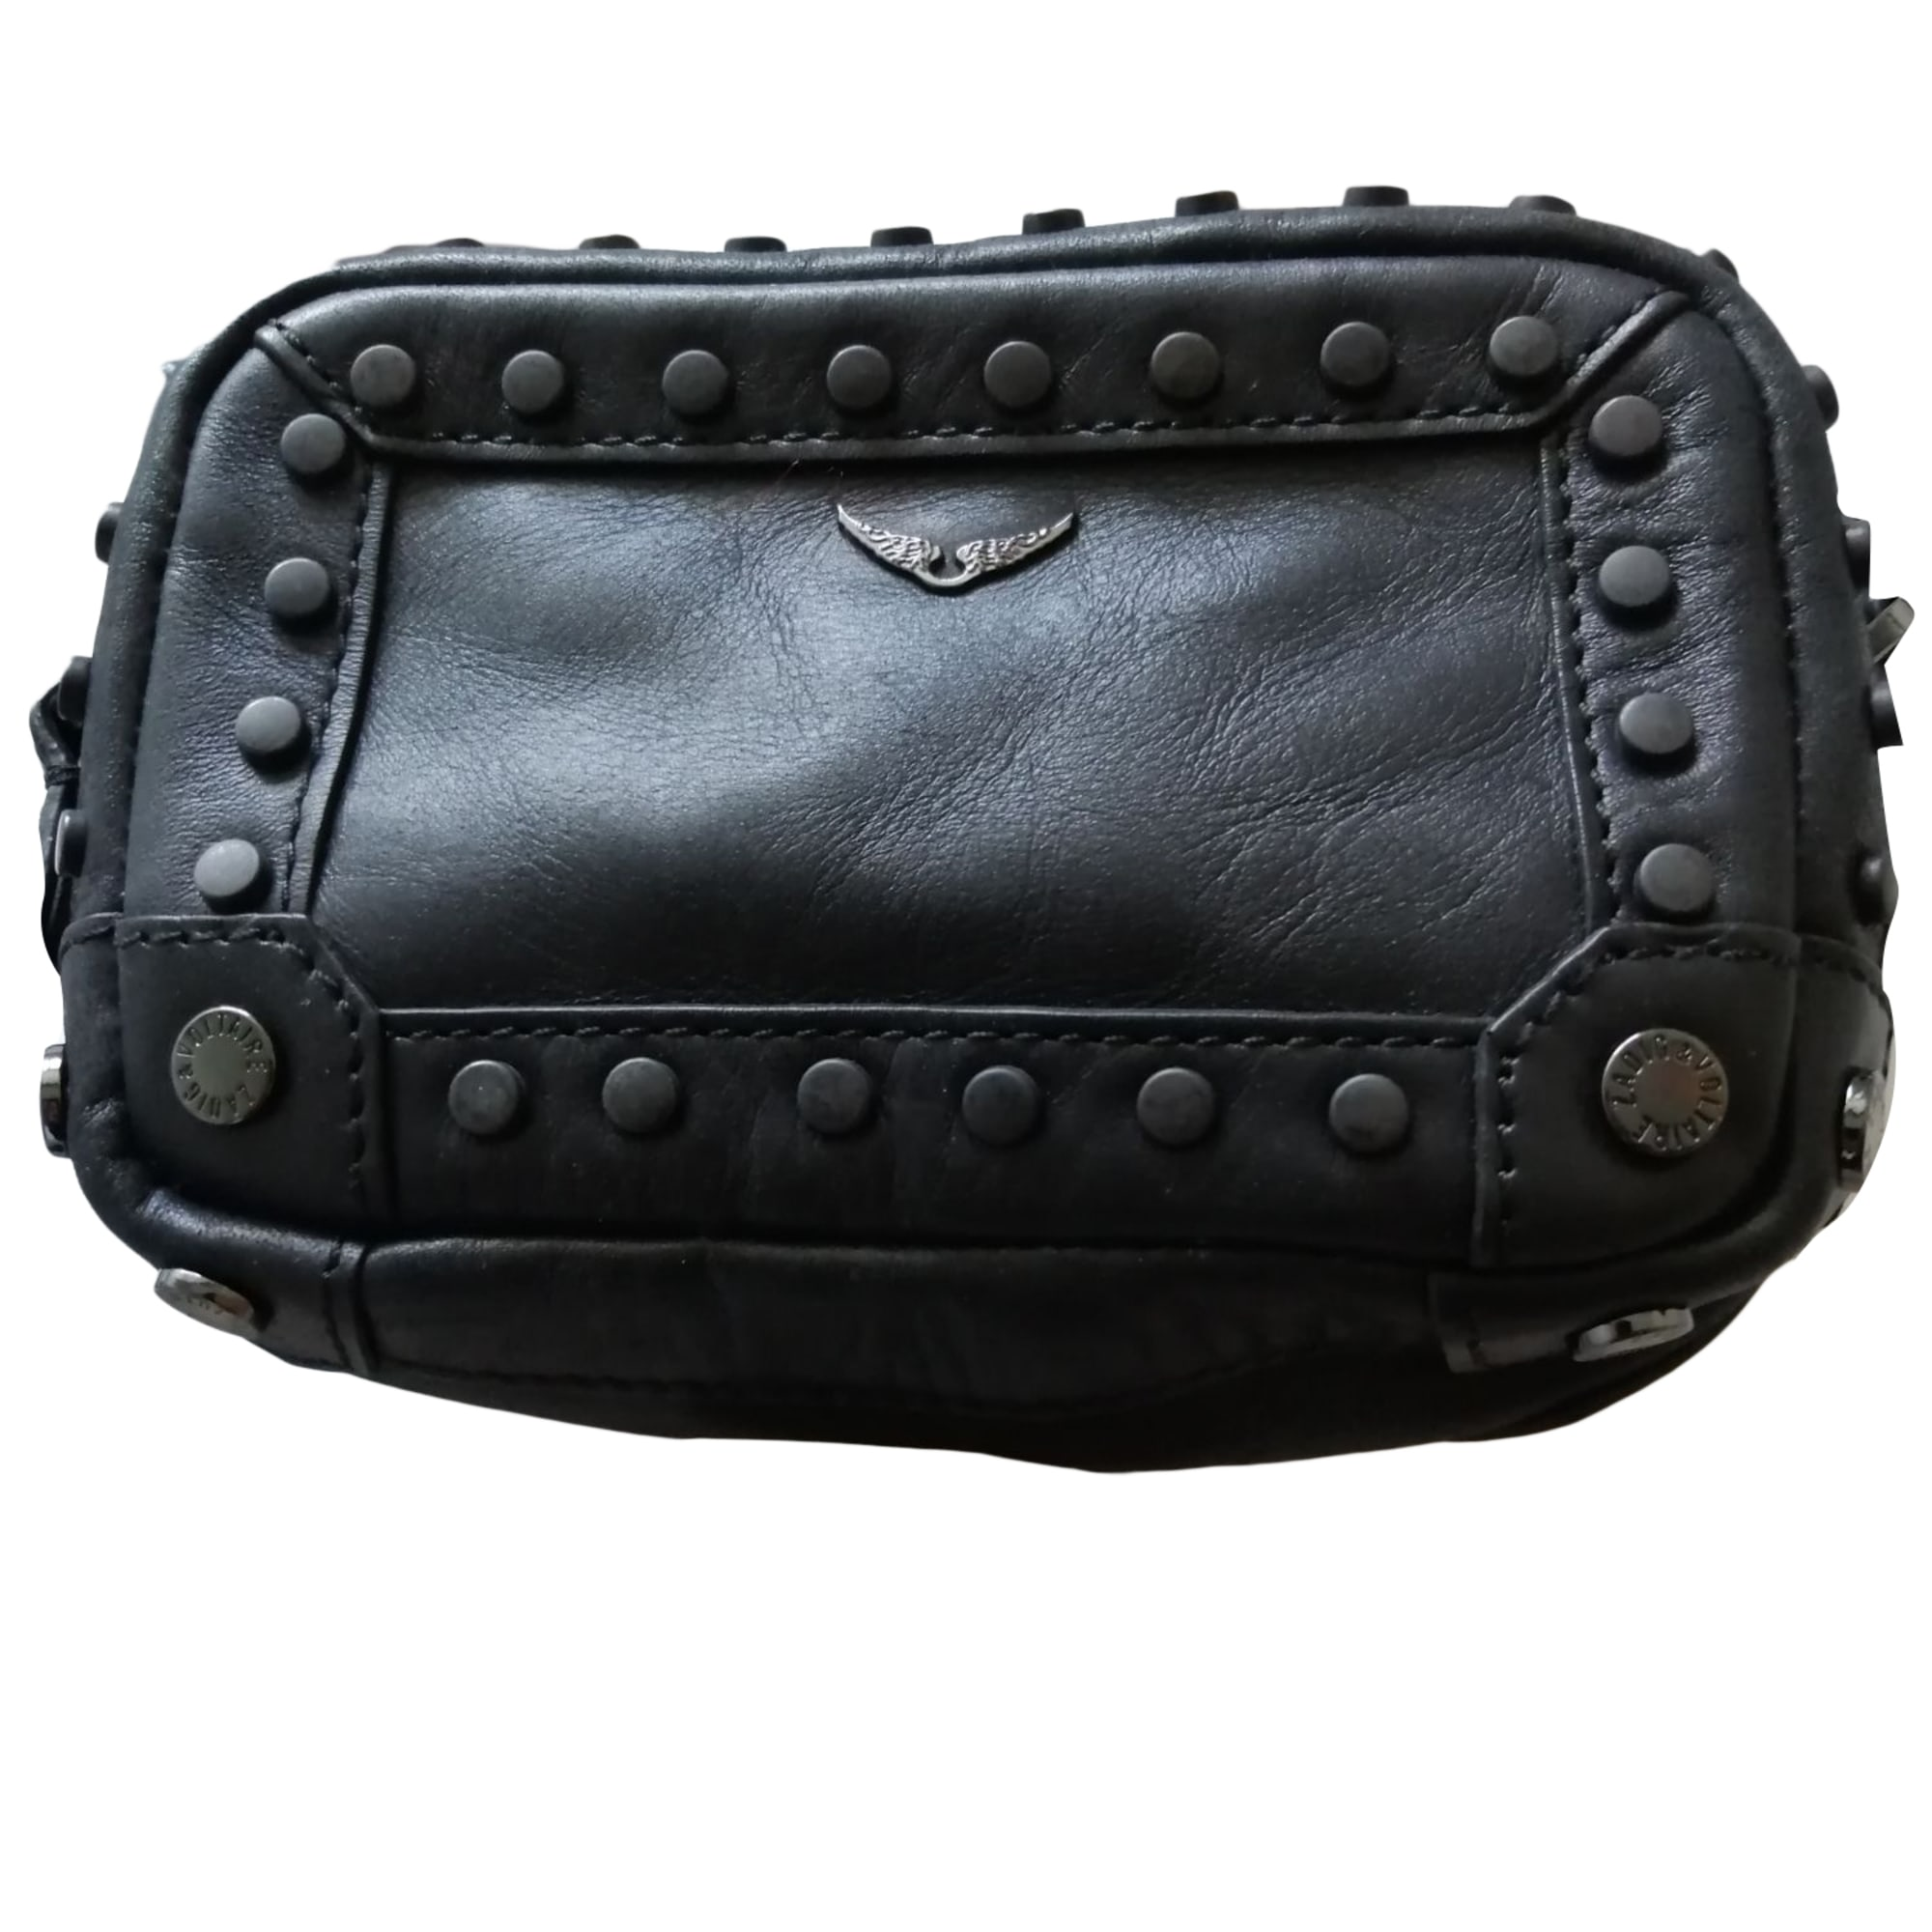 Leather Shoulder Bag ZADIG & VOLTAIRE Black